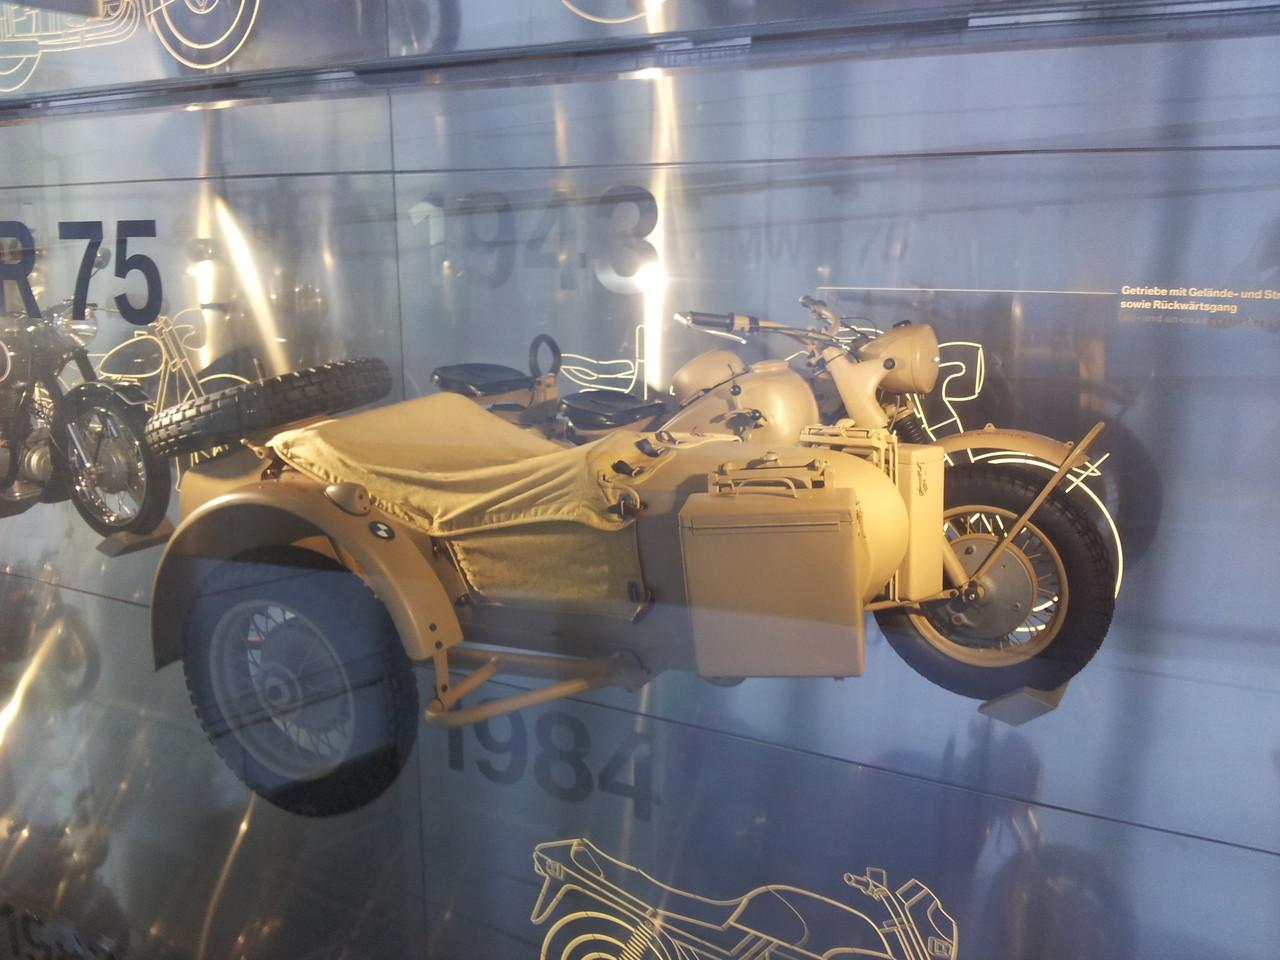 La même moto qu'Edgar dans les Aristochats!(Edgar, c'est le méchant)